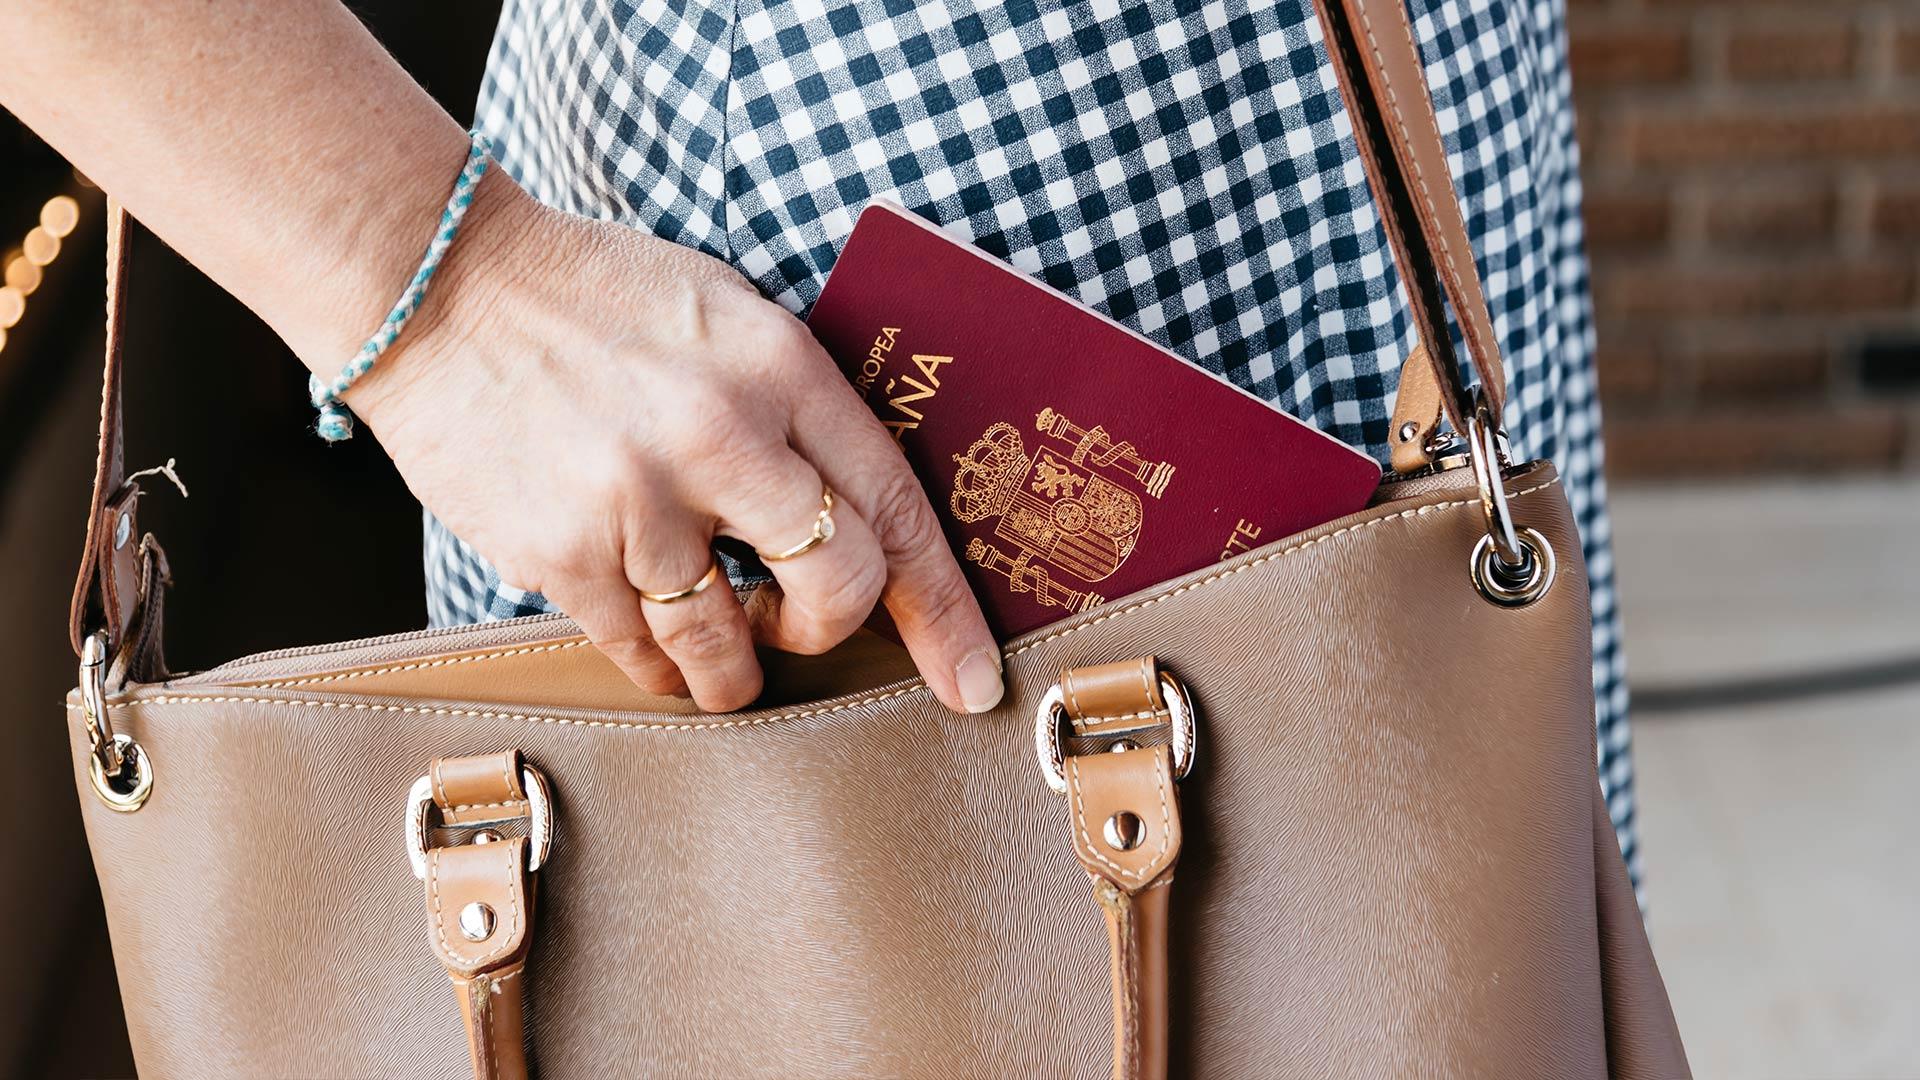 czy potrzeba paszport do hiszpanii